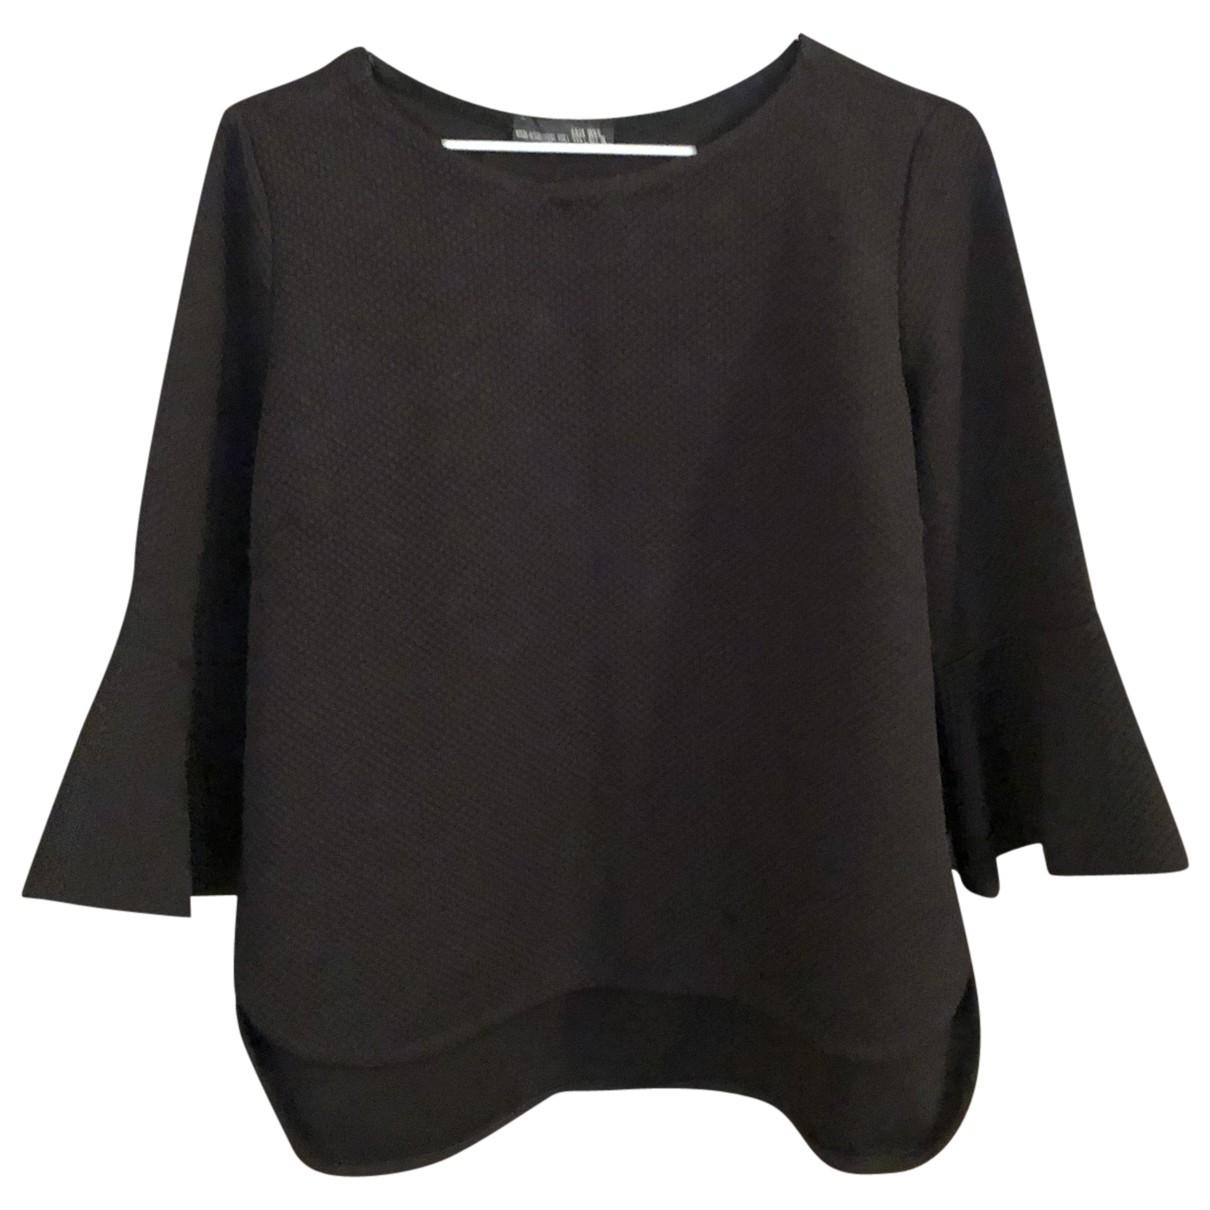 Zara \N Black  top for Women 42 IT